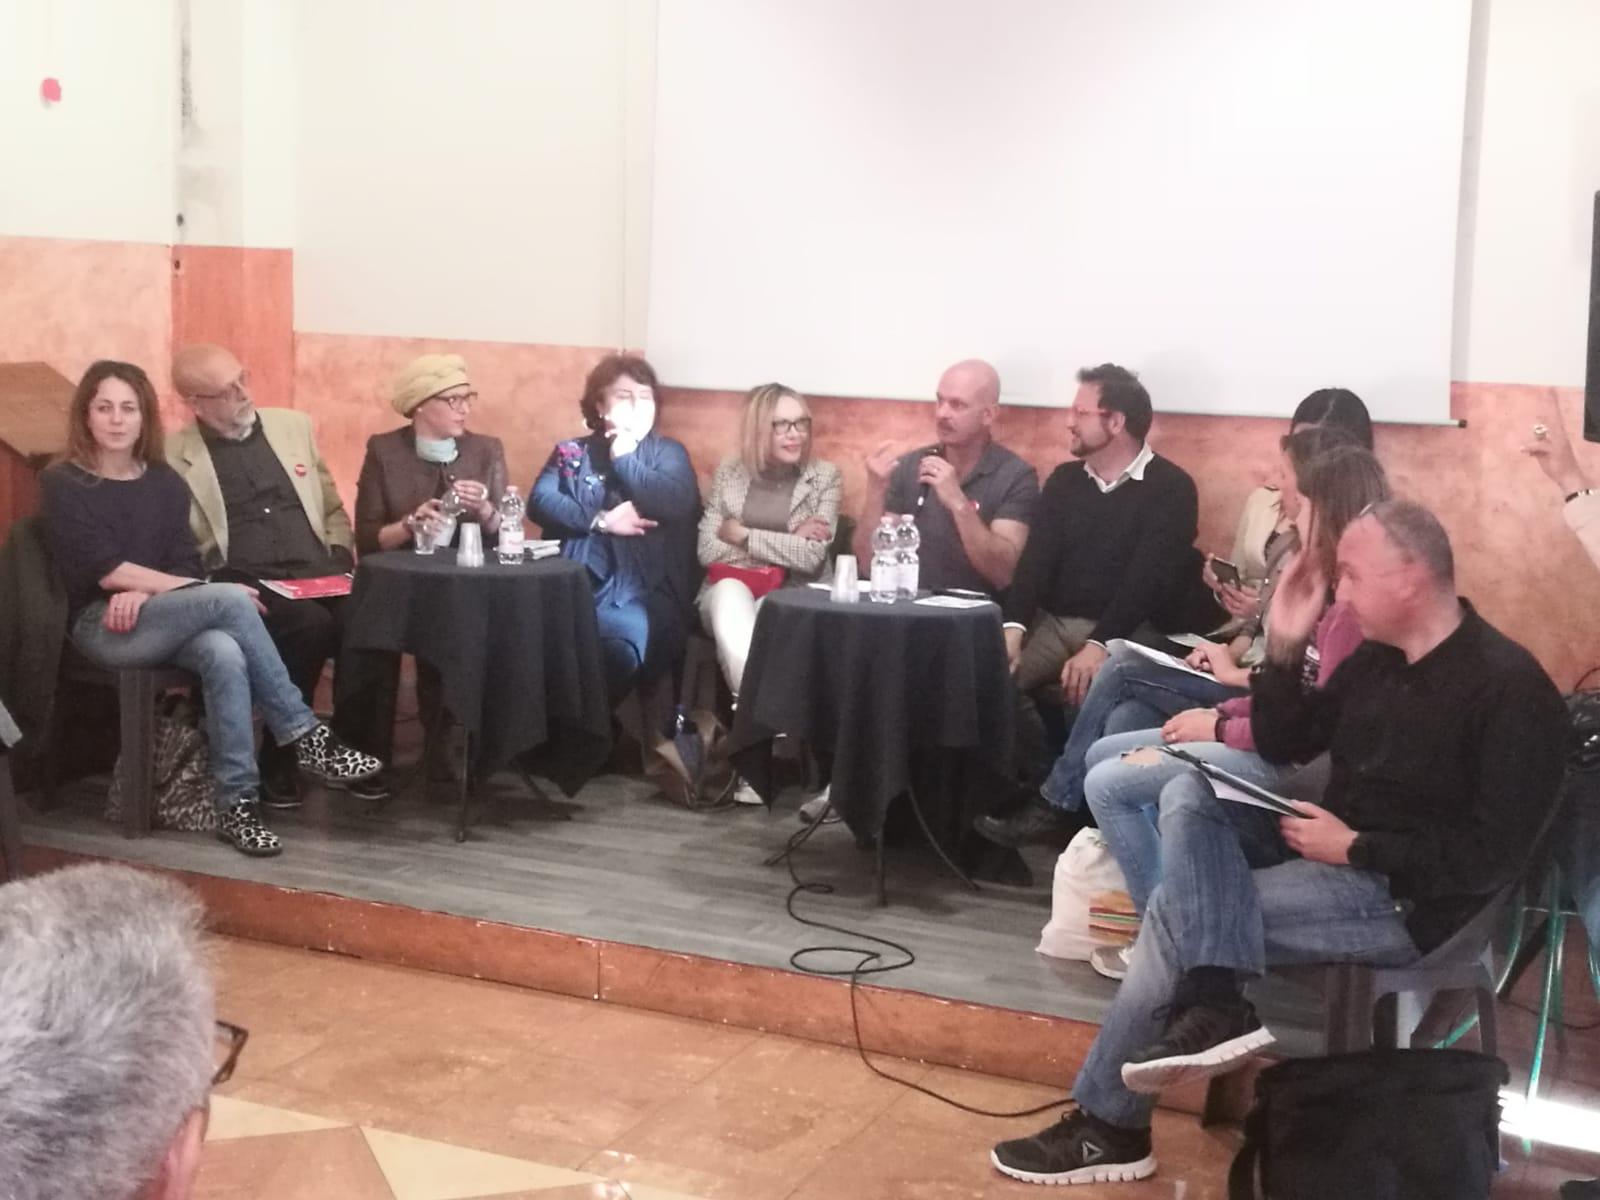 ambiente sinistra 25 aprile dibattito